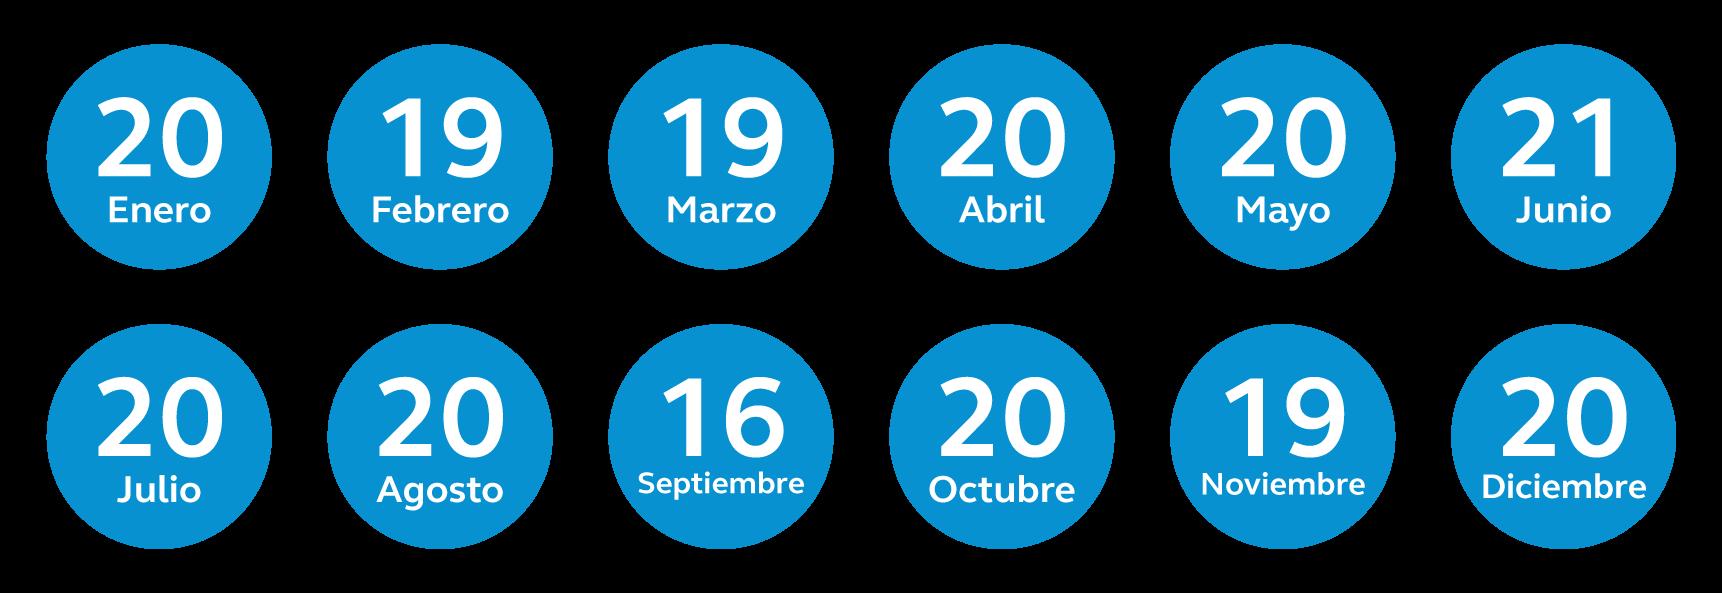 calendario de pago de pensiones